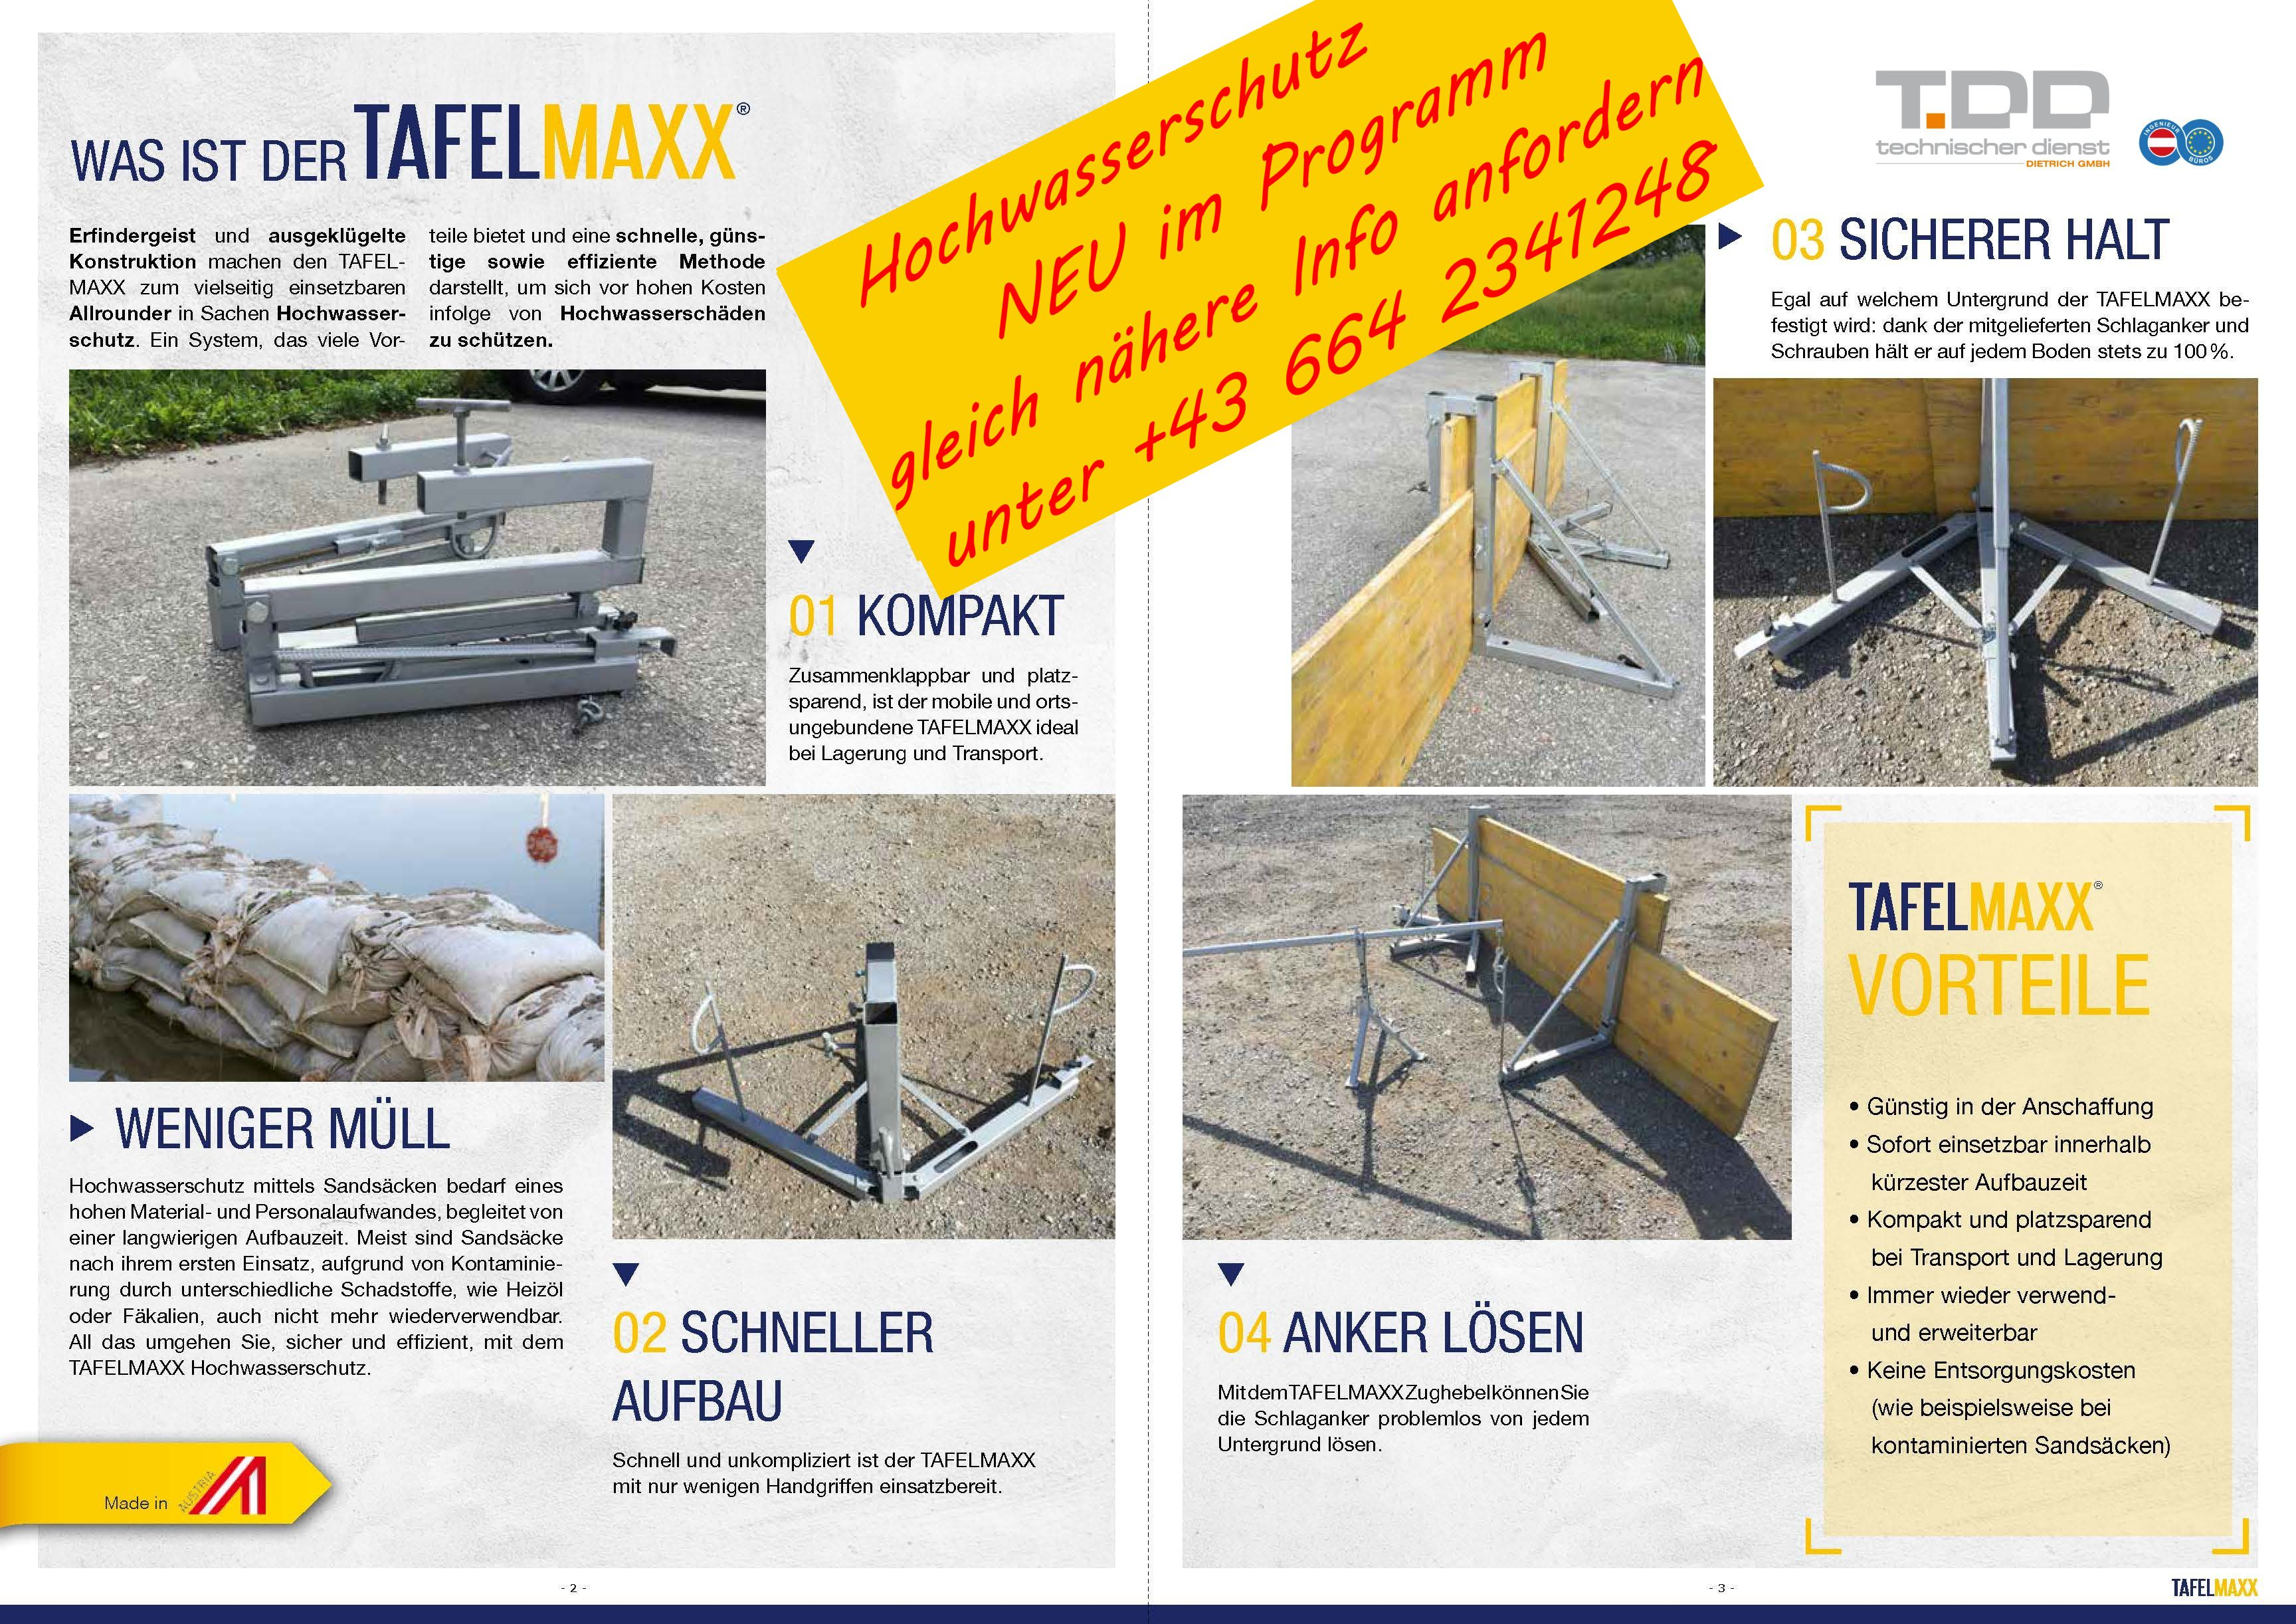 TAFELMAXX Hochwasserschutz